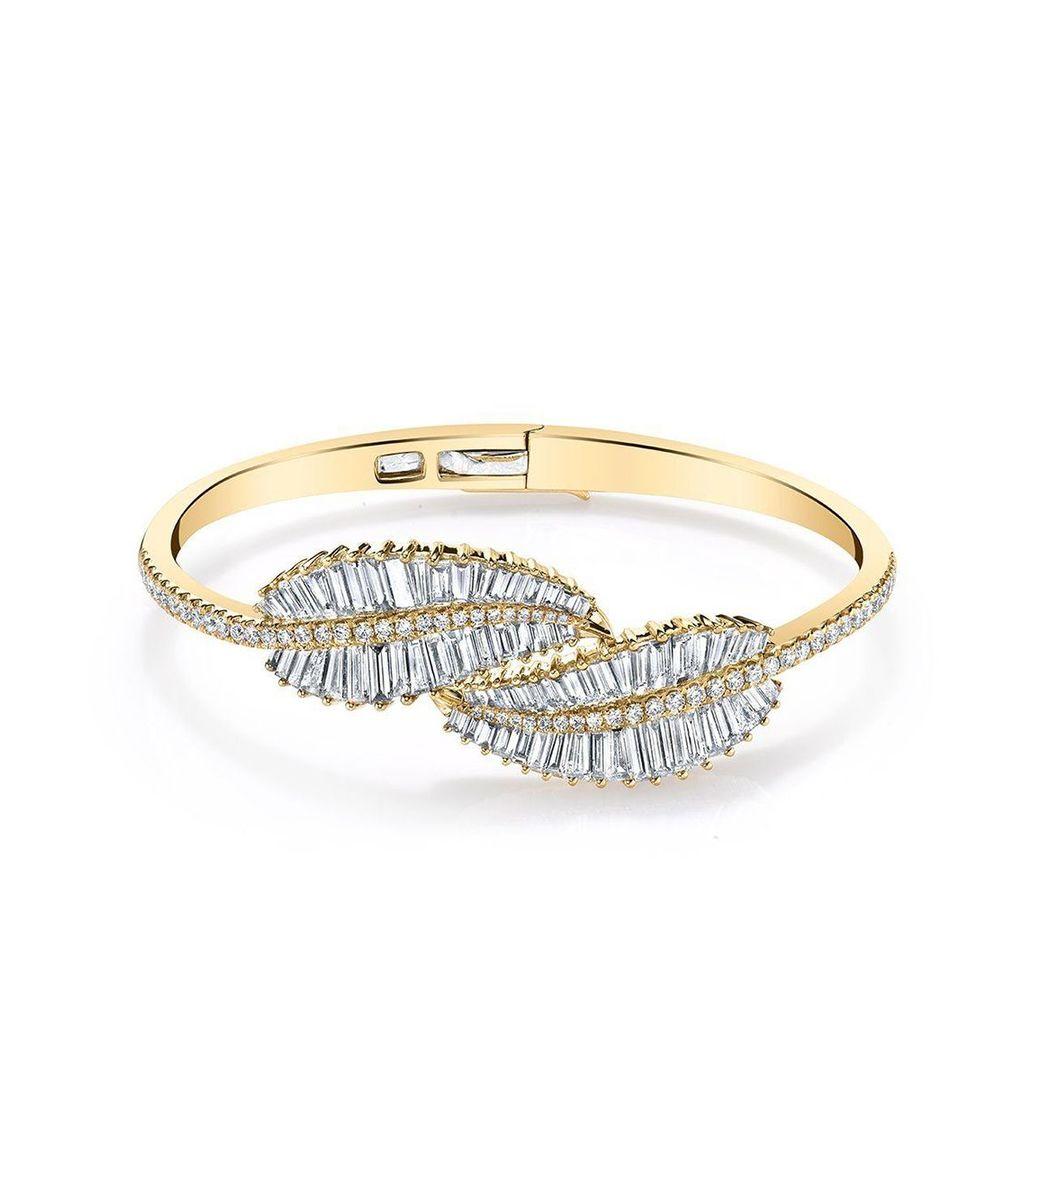 Anita Ko 18k Yellow Gold Small Palm Leaf Ring